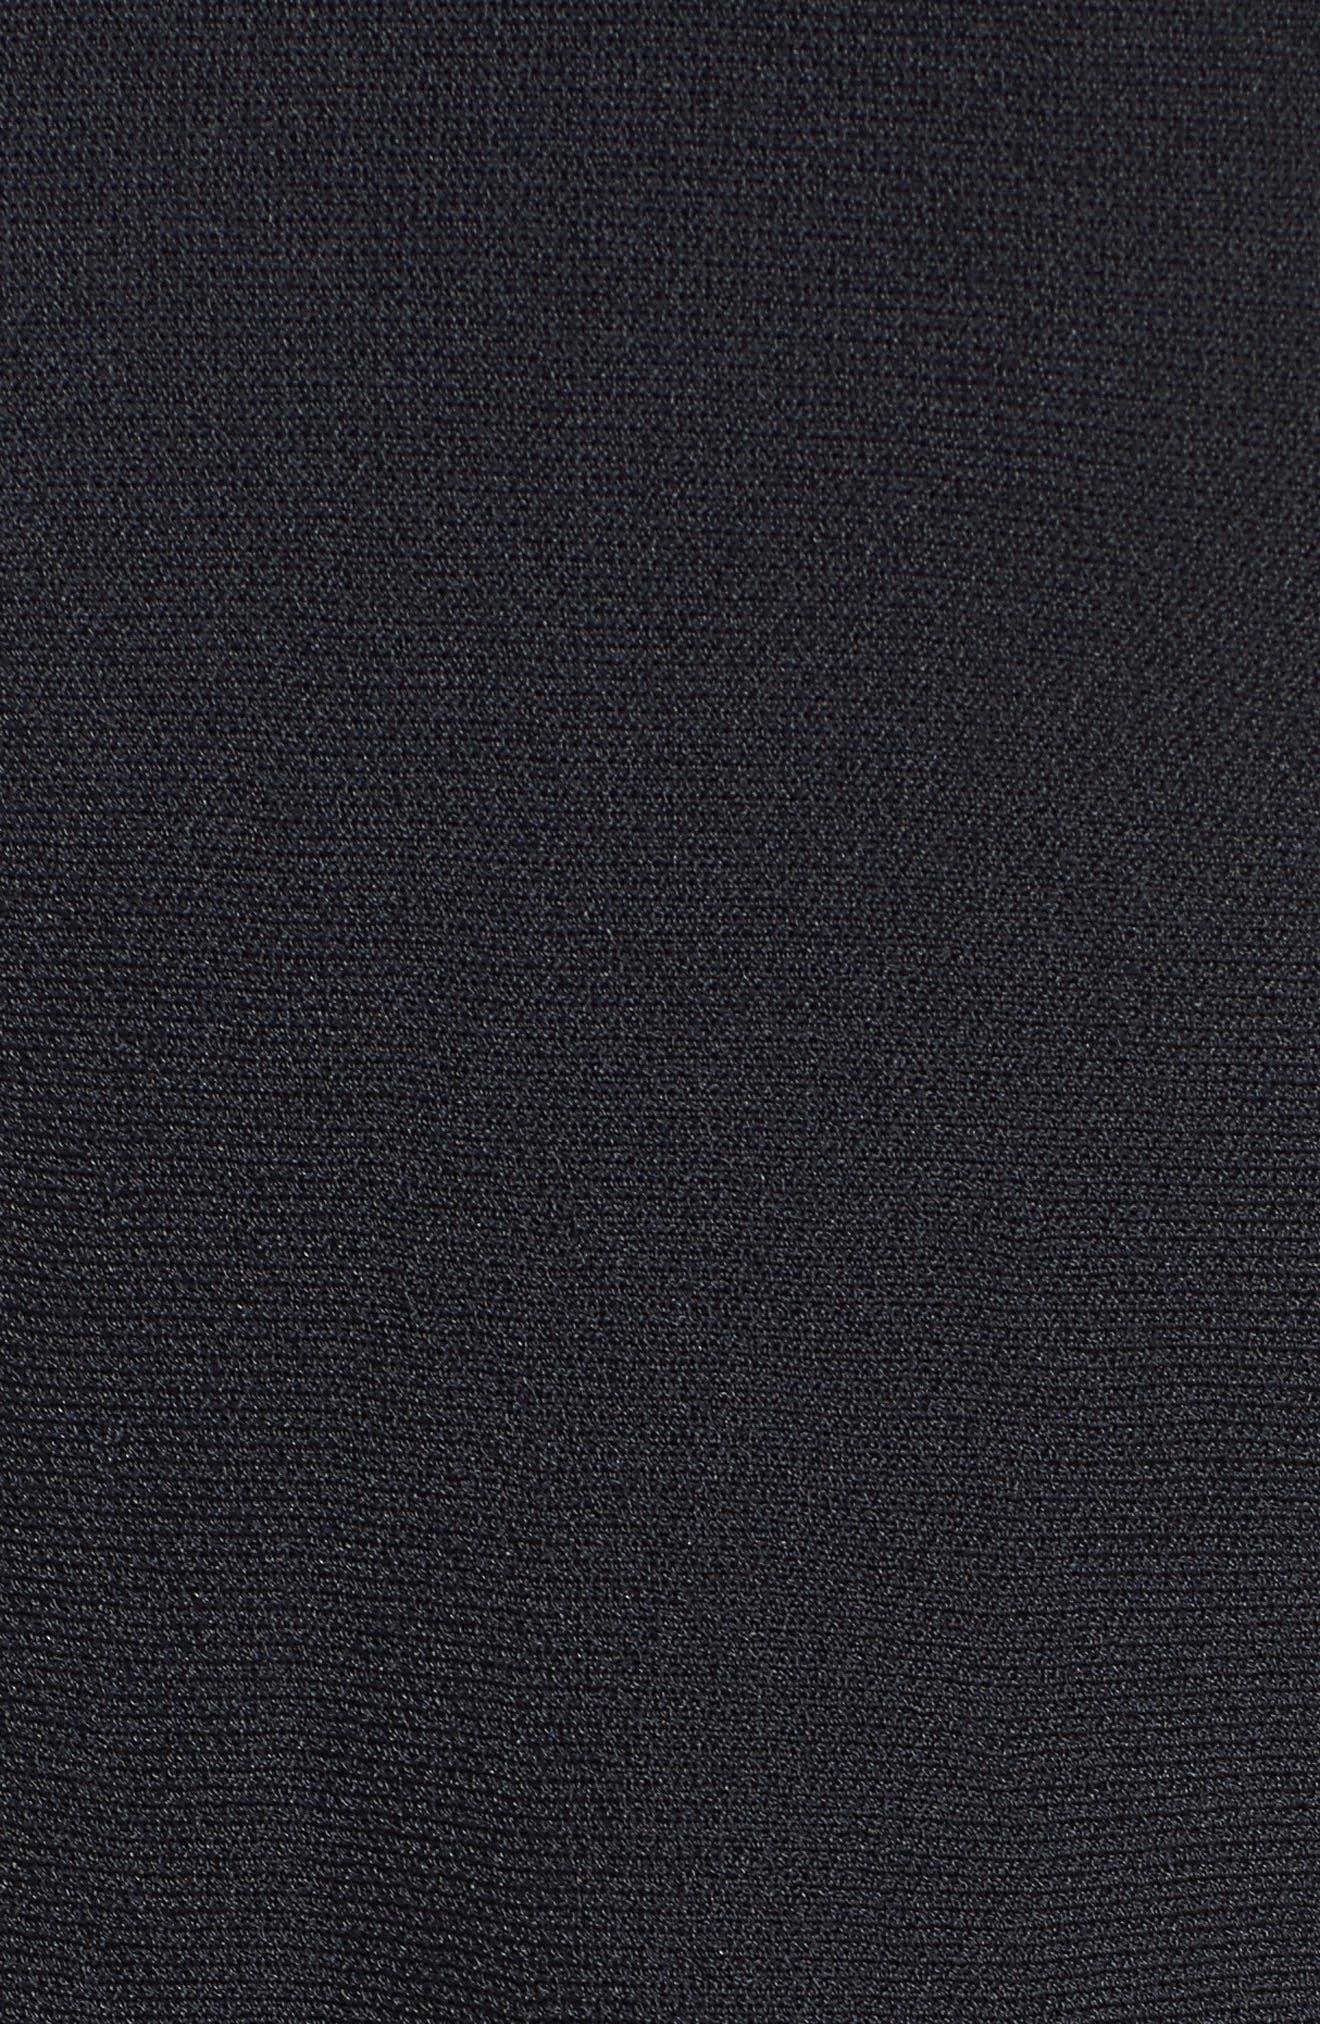 Illusion Yoke Fit & Flare Dress,                             Alternate thumbnail 5, color,                             Black